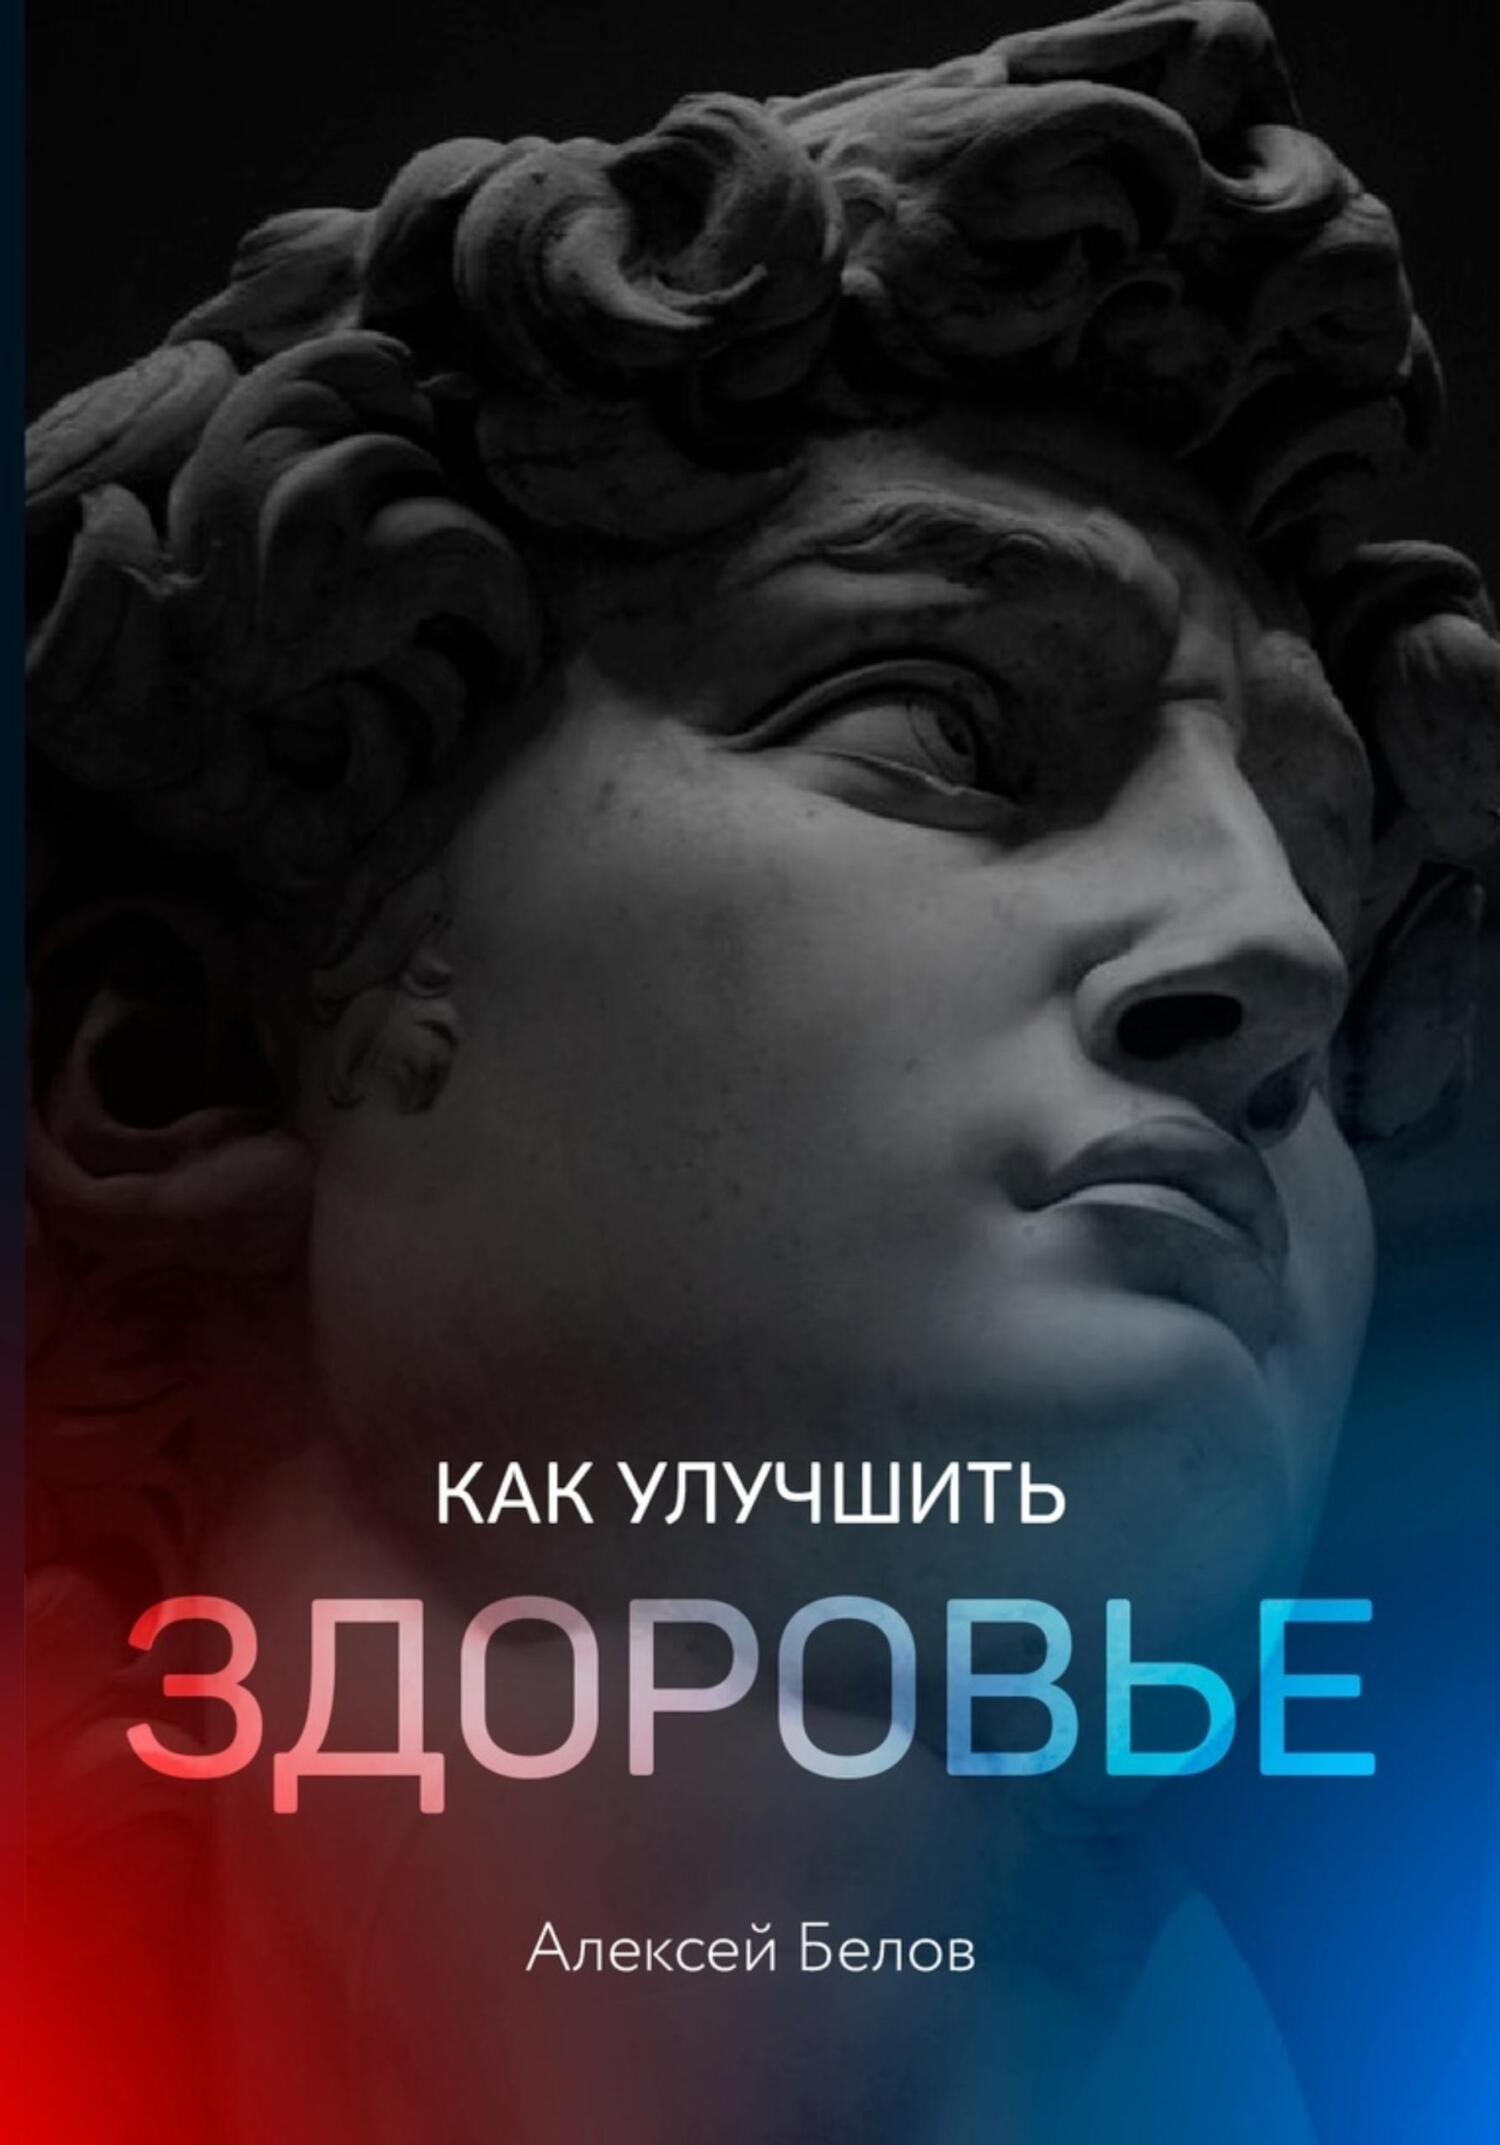 Алексей Белов - Как улучшить здоровье